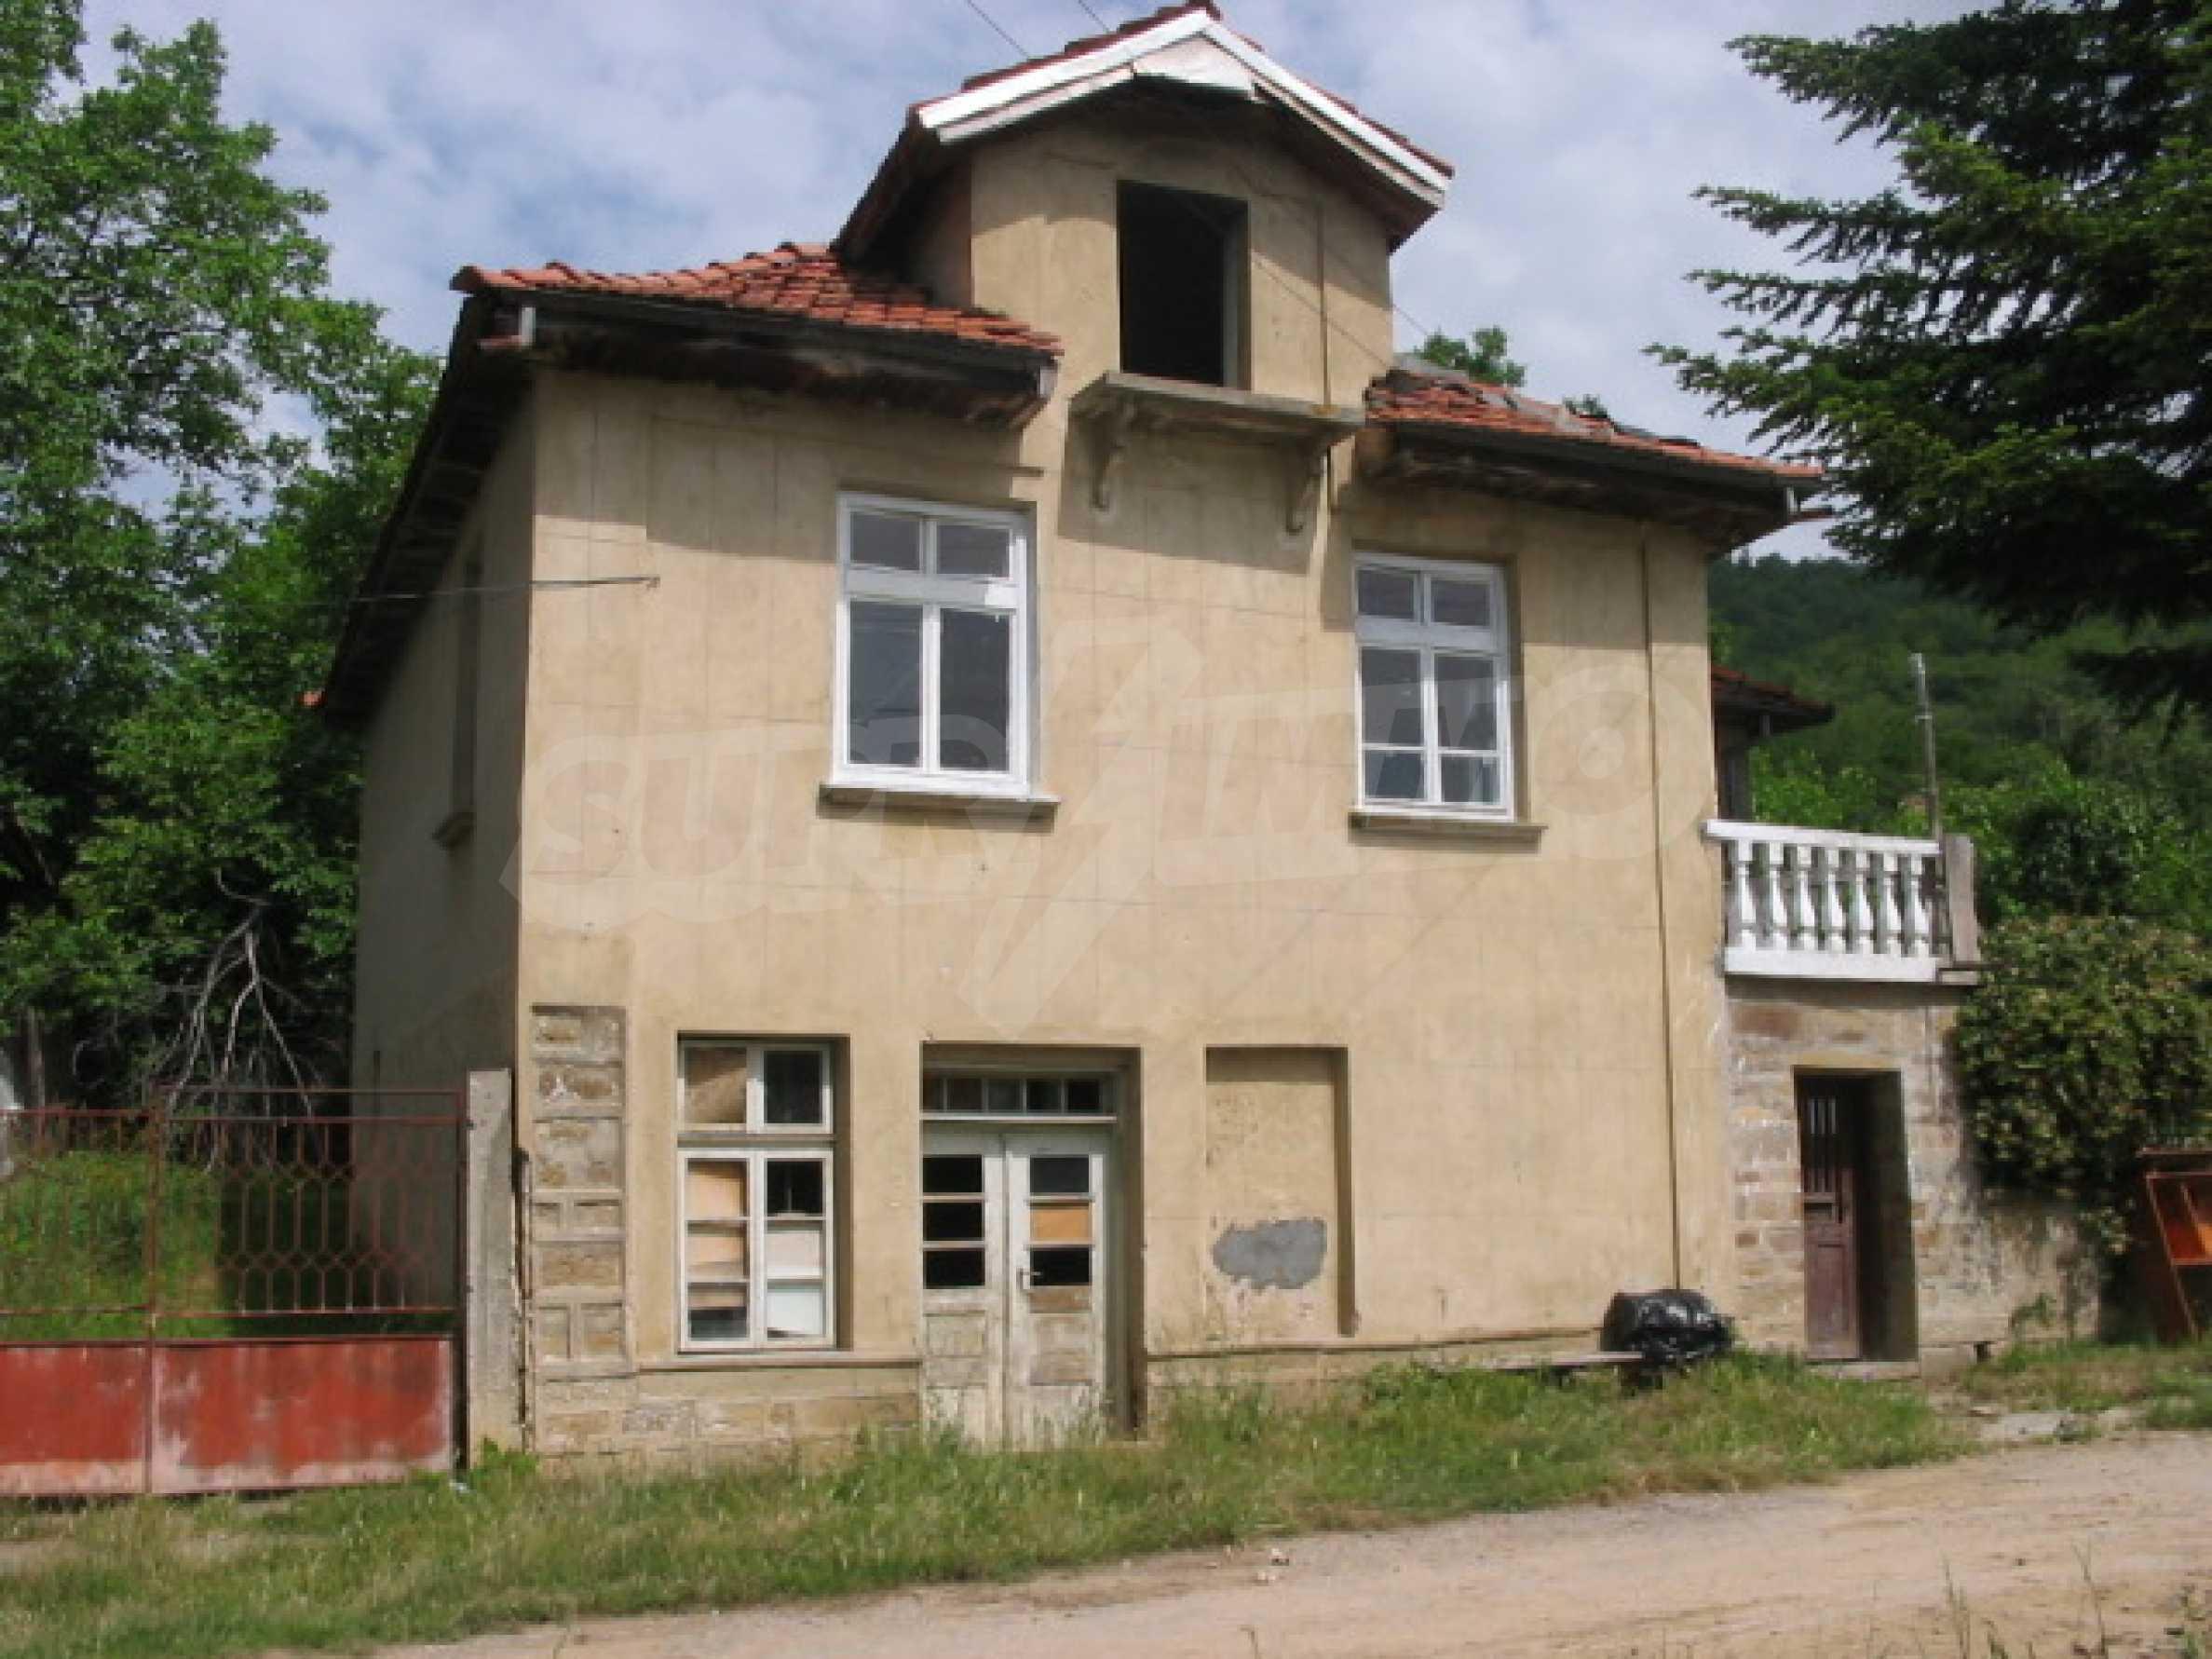 Zweistöckiges Haus in einem Dorf in der Nähe von Lovech